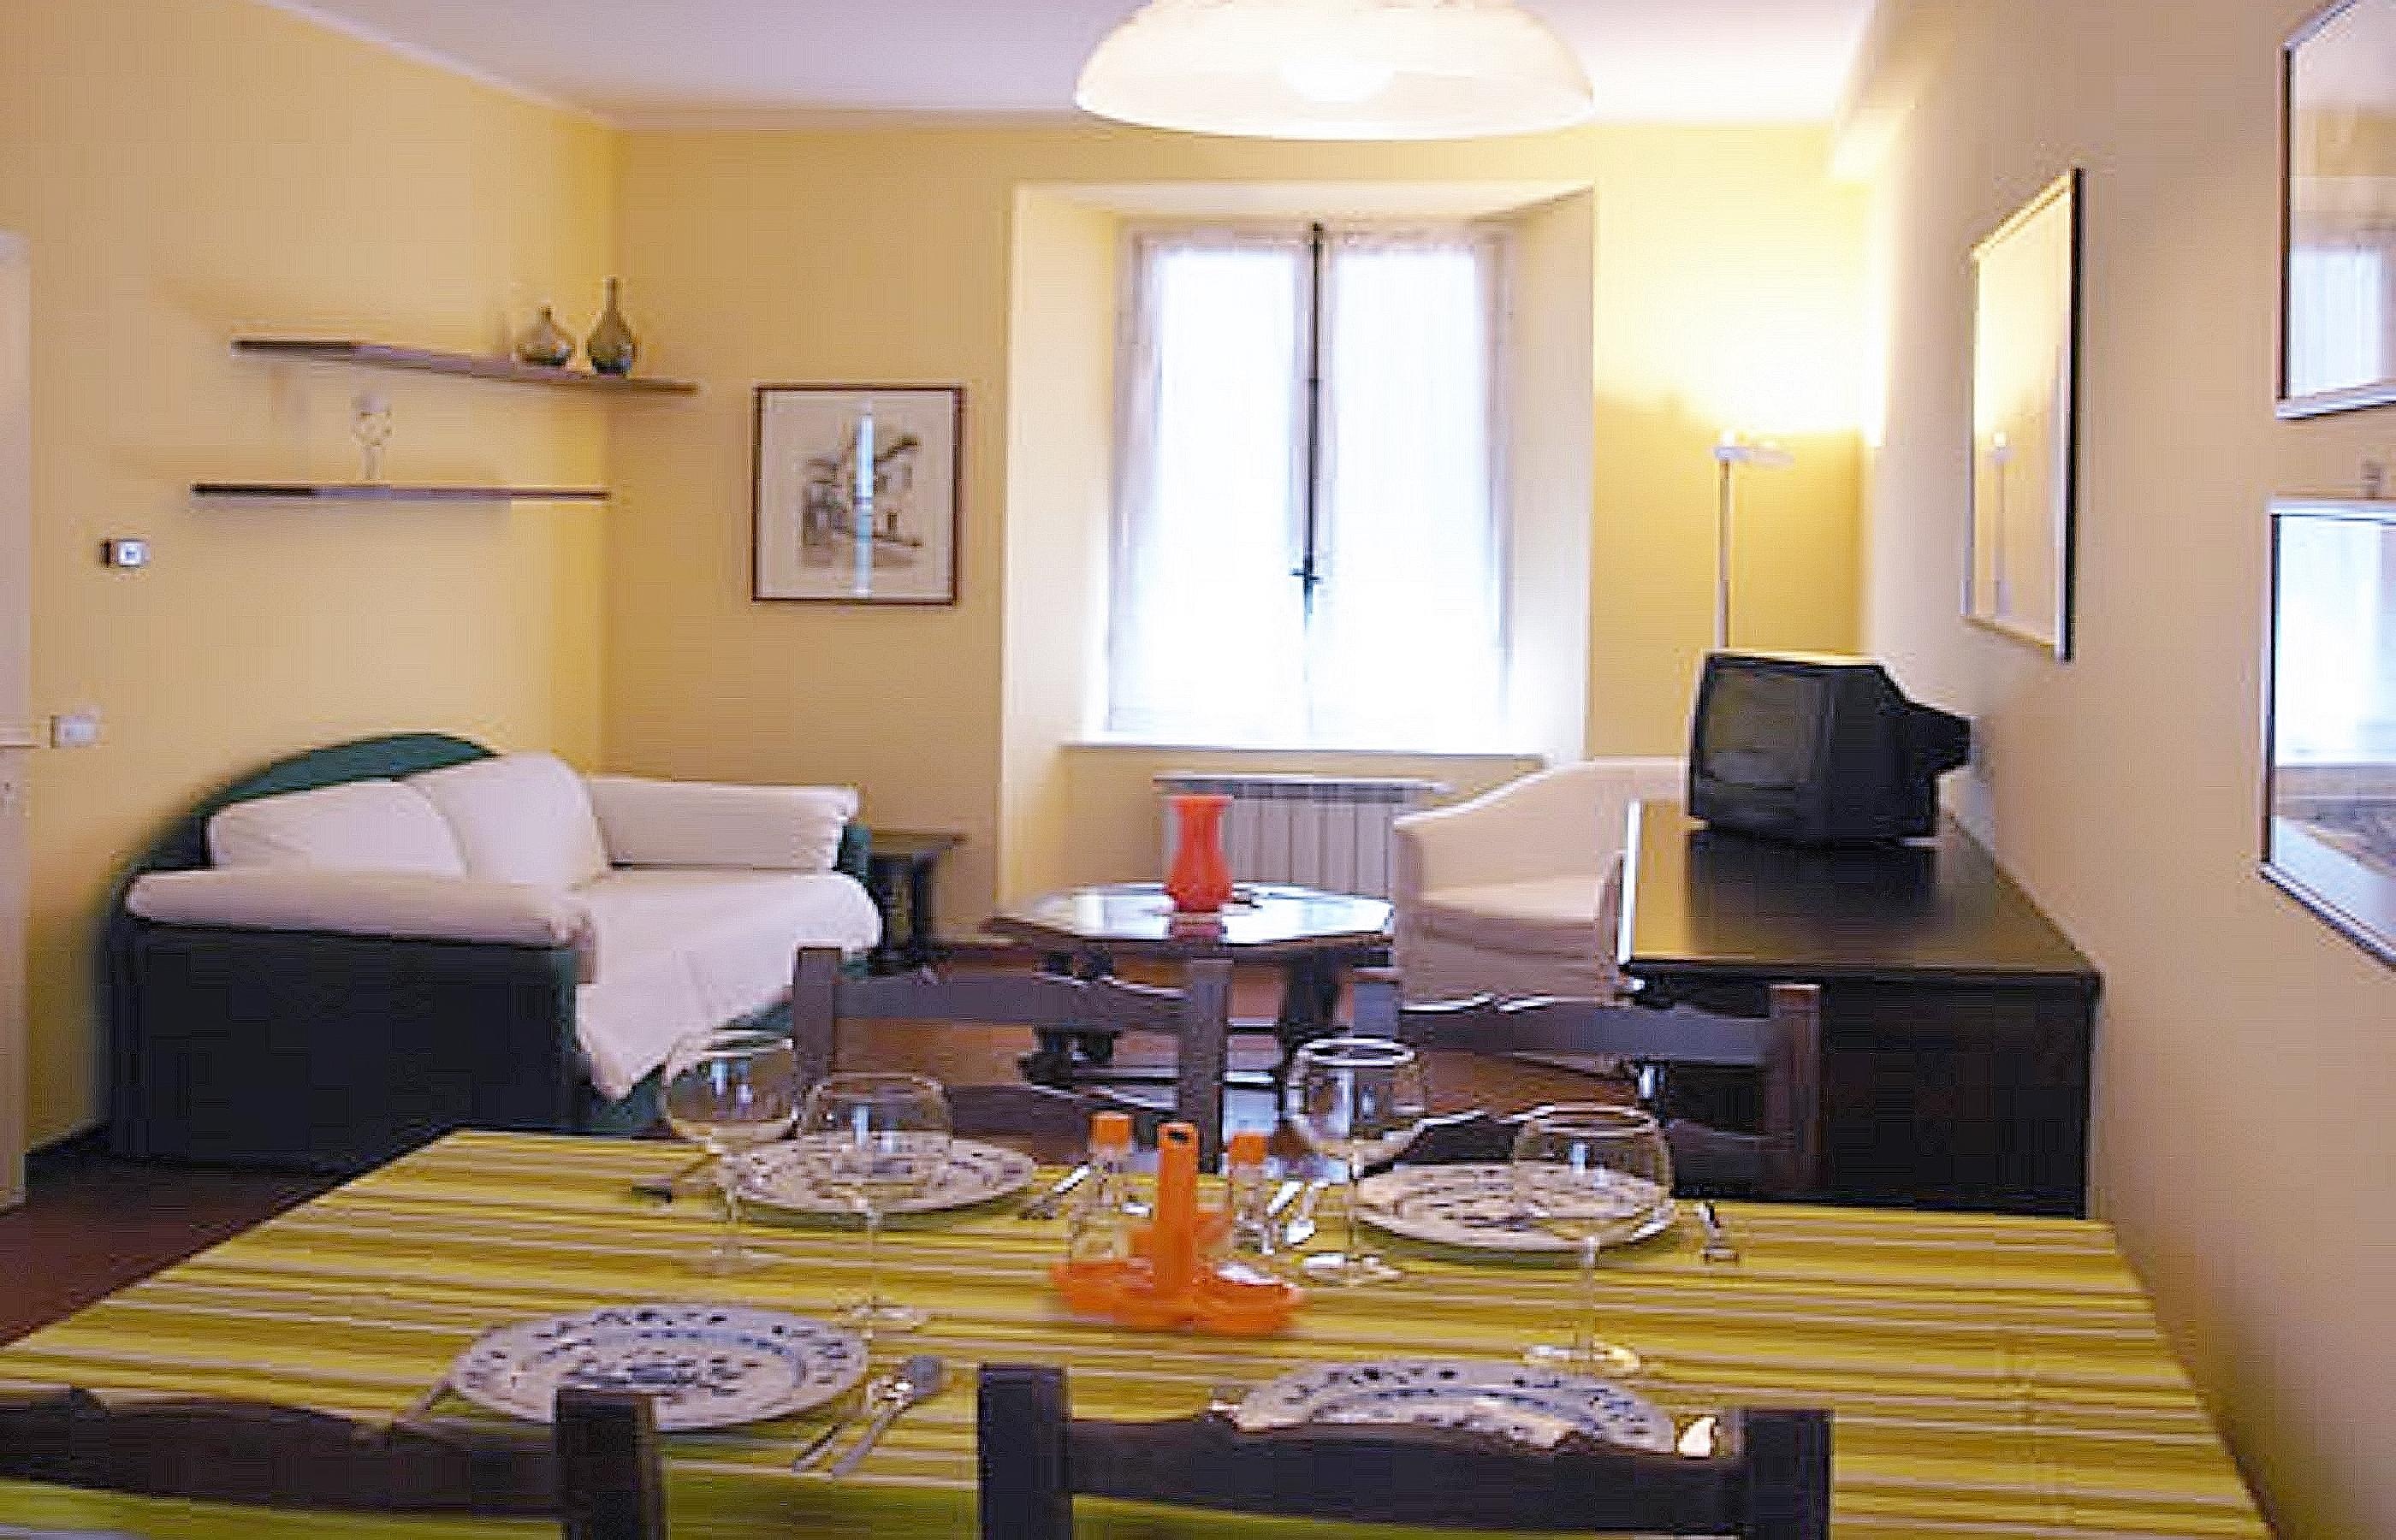 TRILO ACQUARELLO Appartamento con due camere e giardino